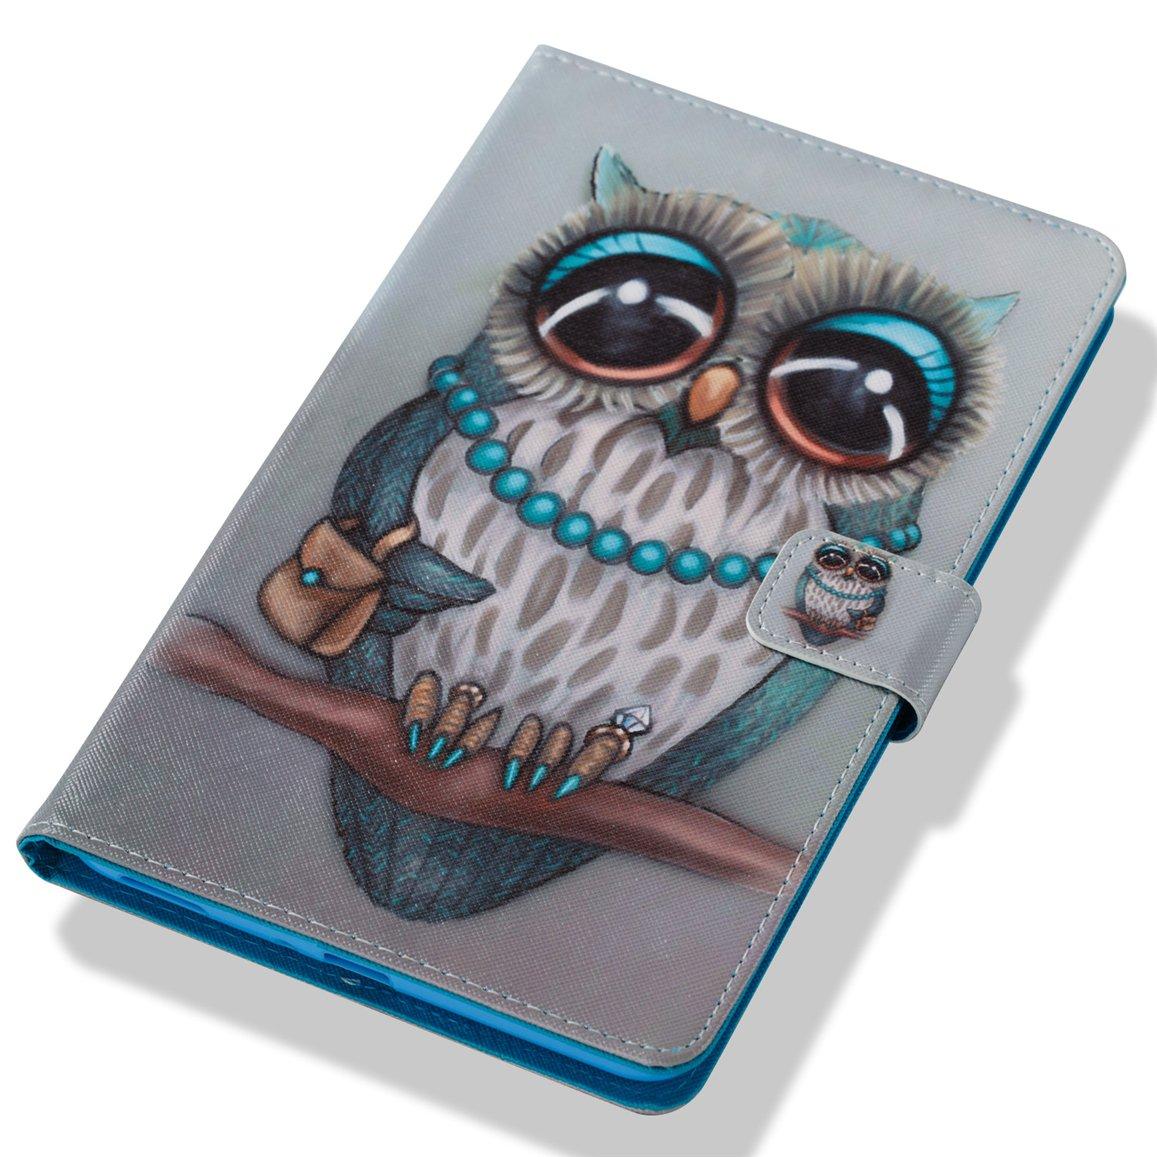 Romantronic Samsung Galaxy Tab A 8.0 Pouces 2017 SM T385 T380 /Étui Magn/étique Coque Stand Housse Coque Flip Cuir Leather Housse de Protection Cute Colorful Pattern Conception Y18